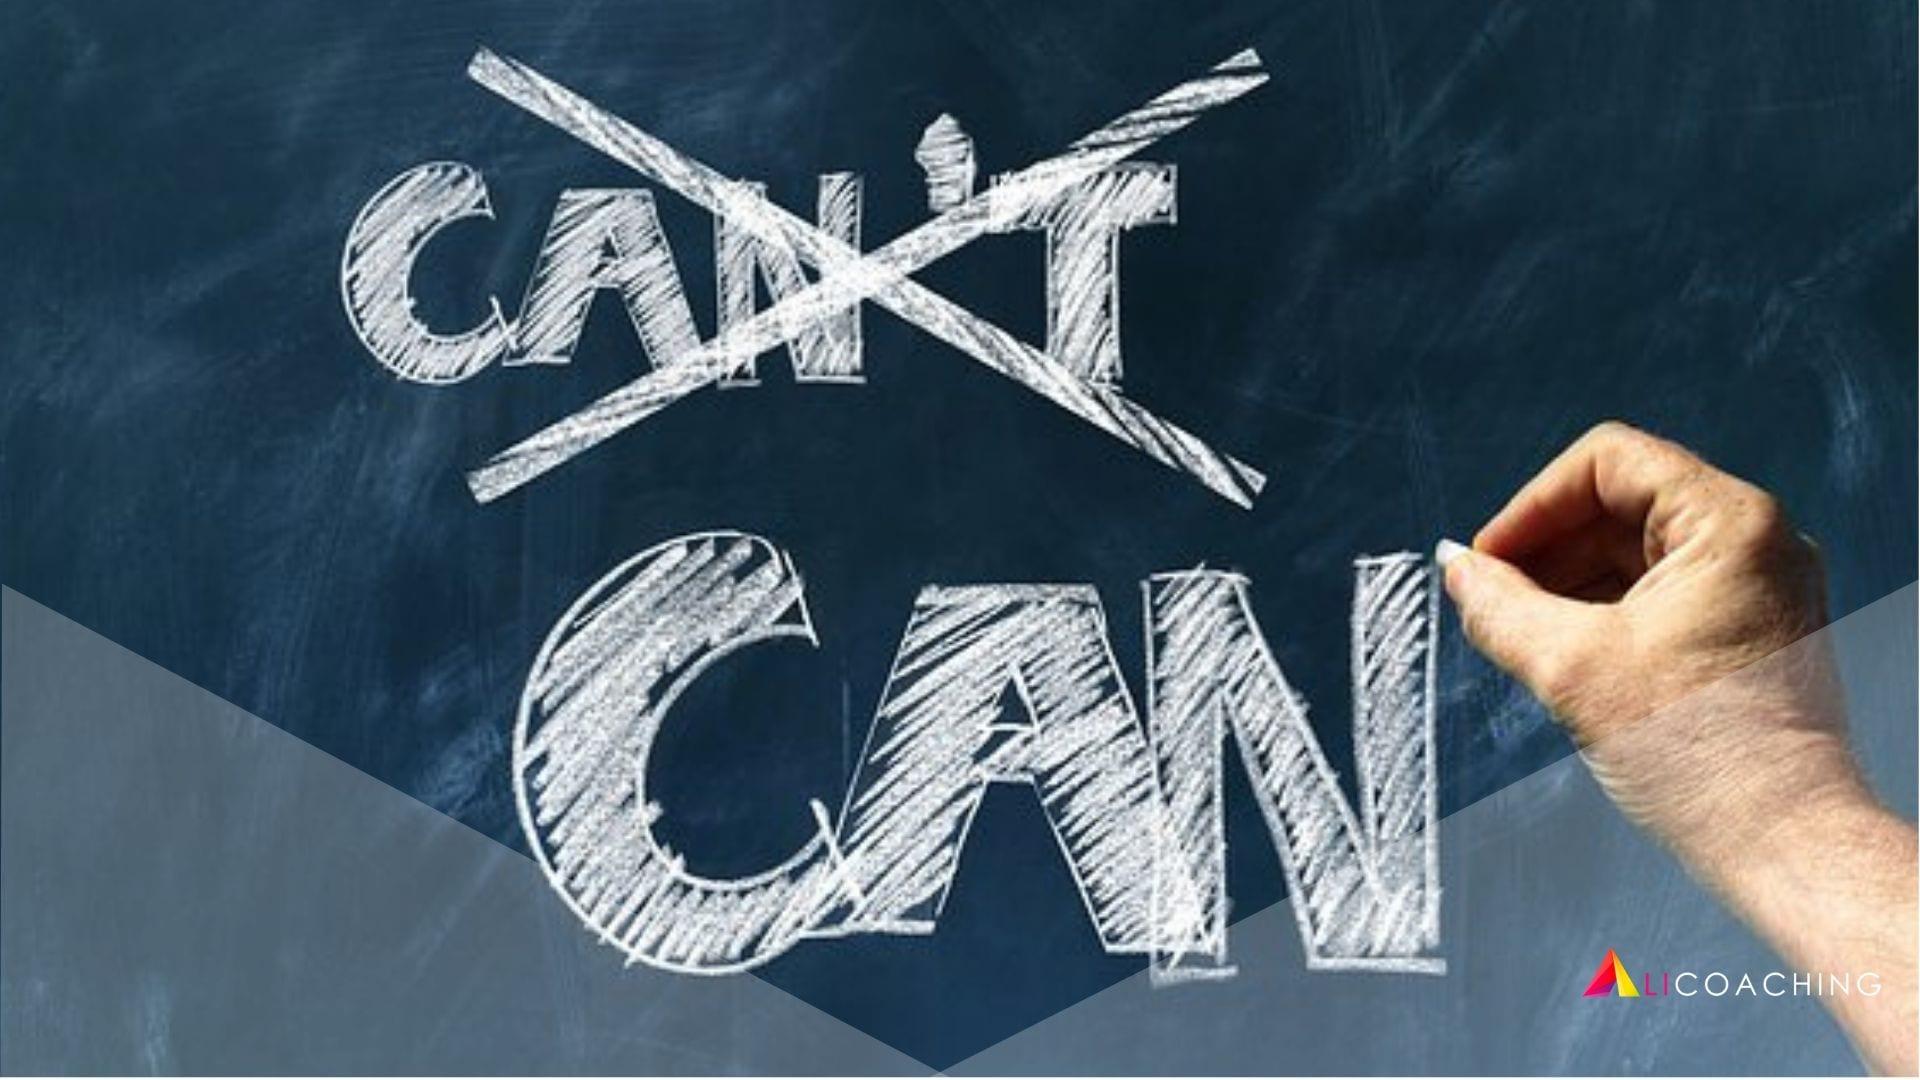 5 strategie per auto-motivarti. Comincia ad applicarle!